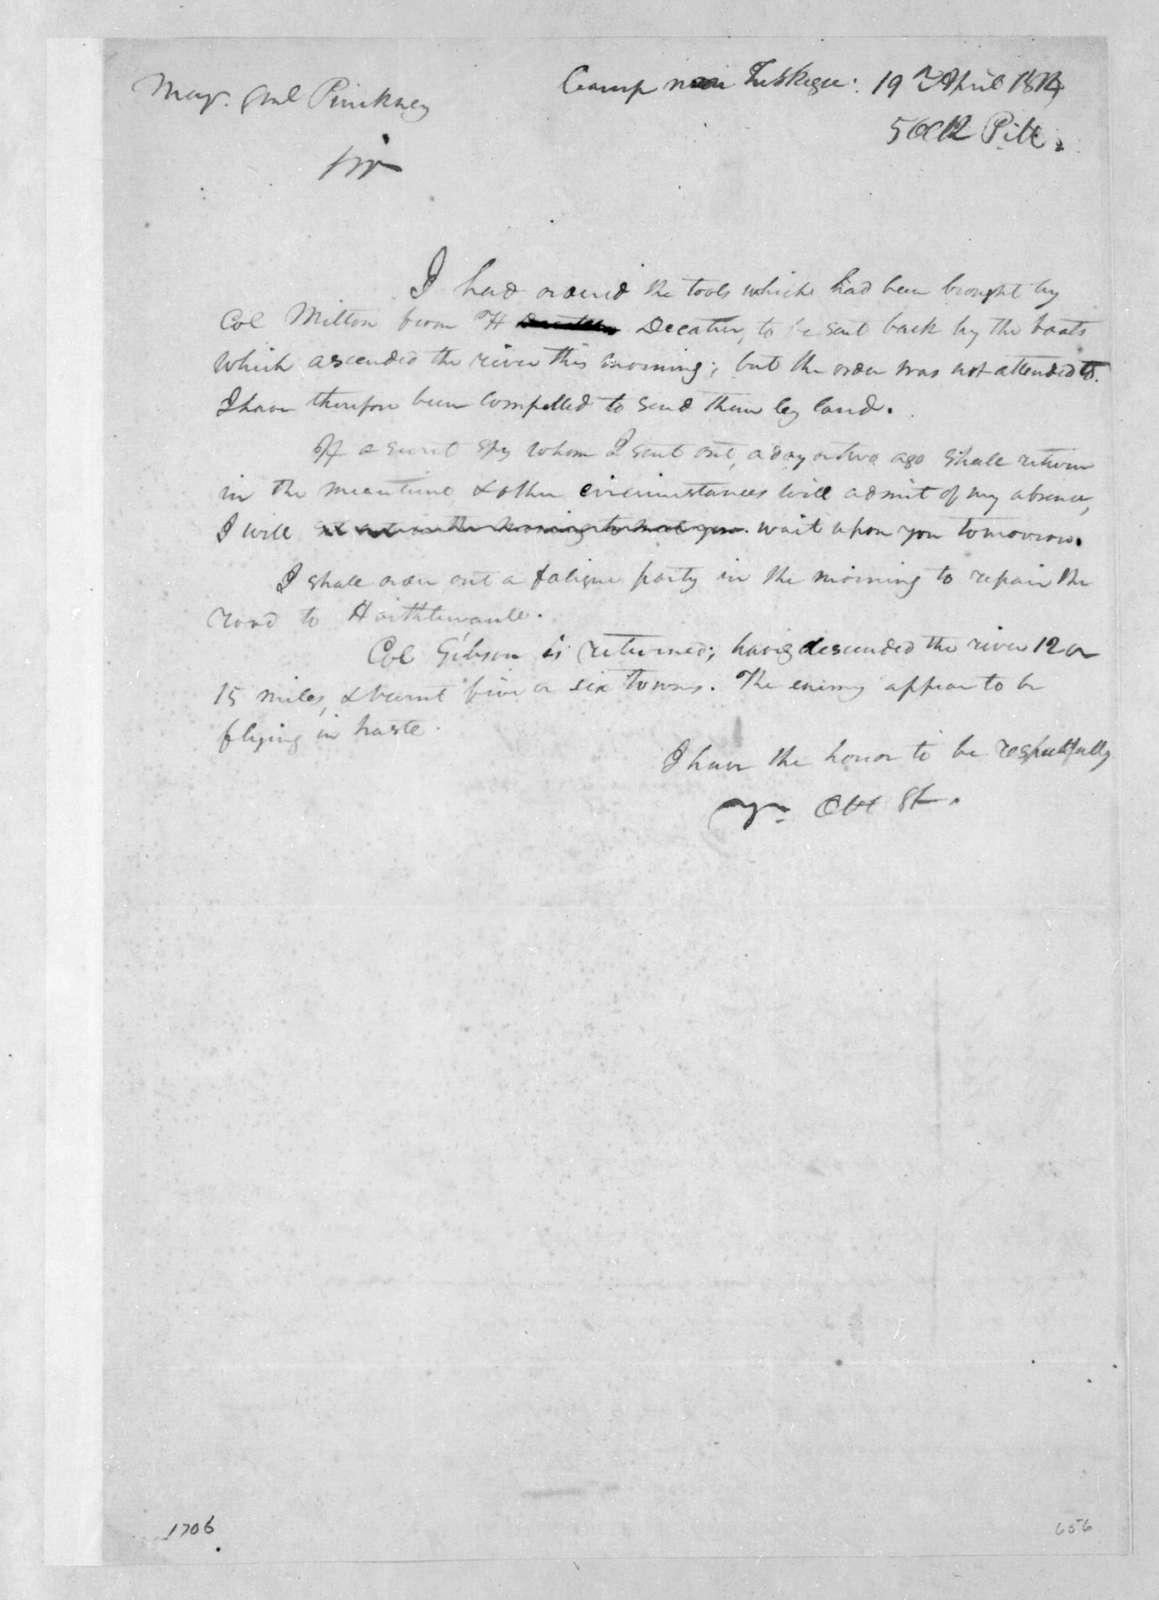 Andrew Jackson to Thomas Pinckney, April 19, 1814